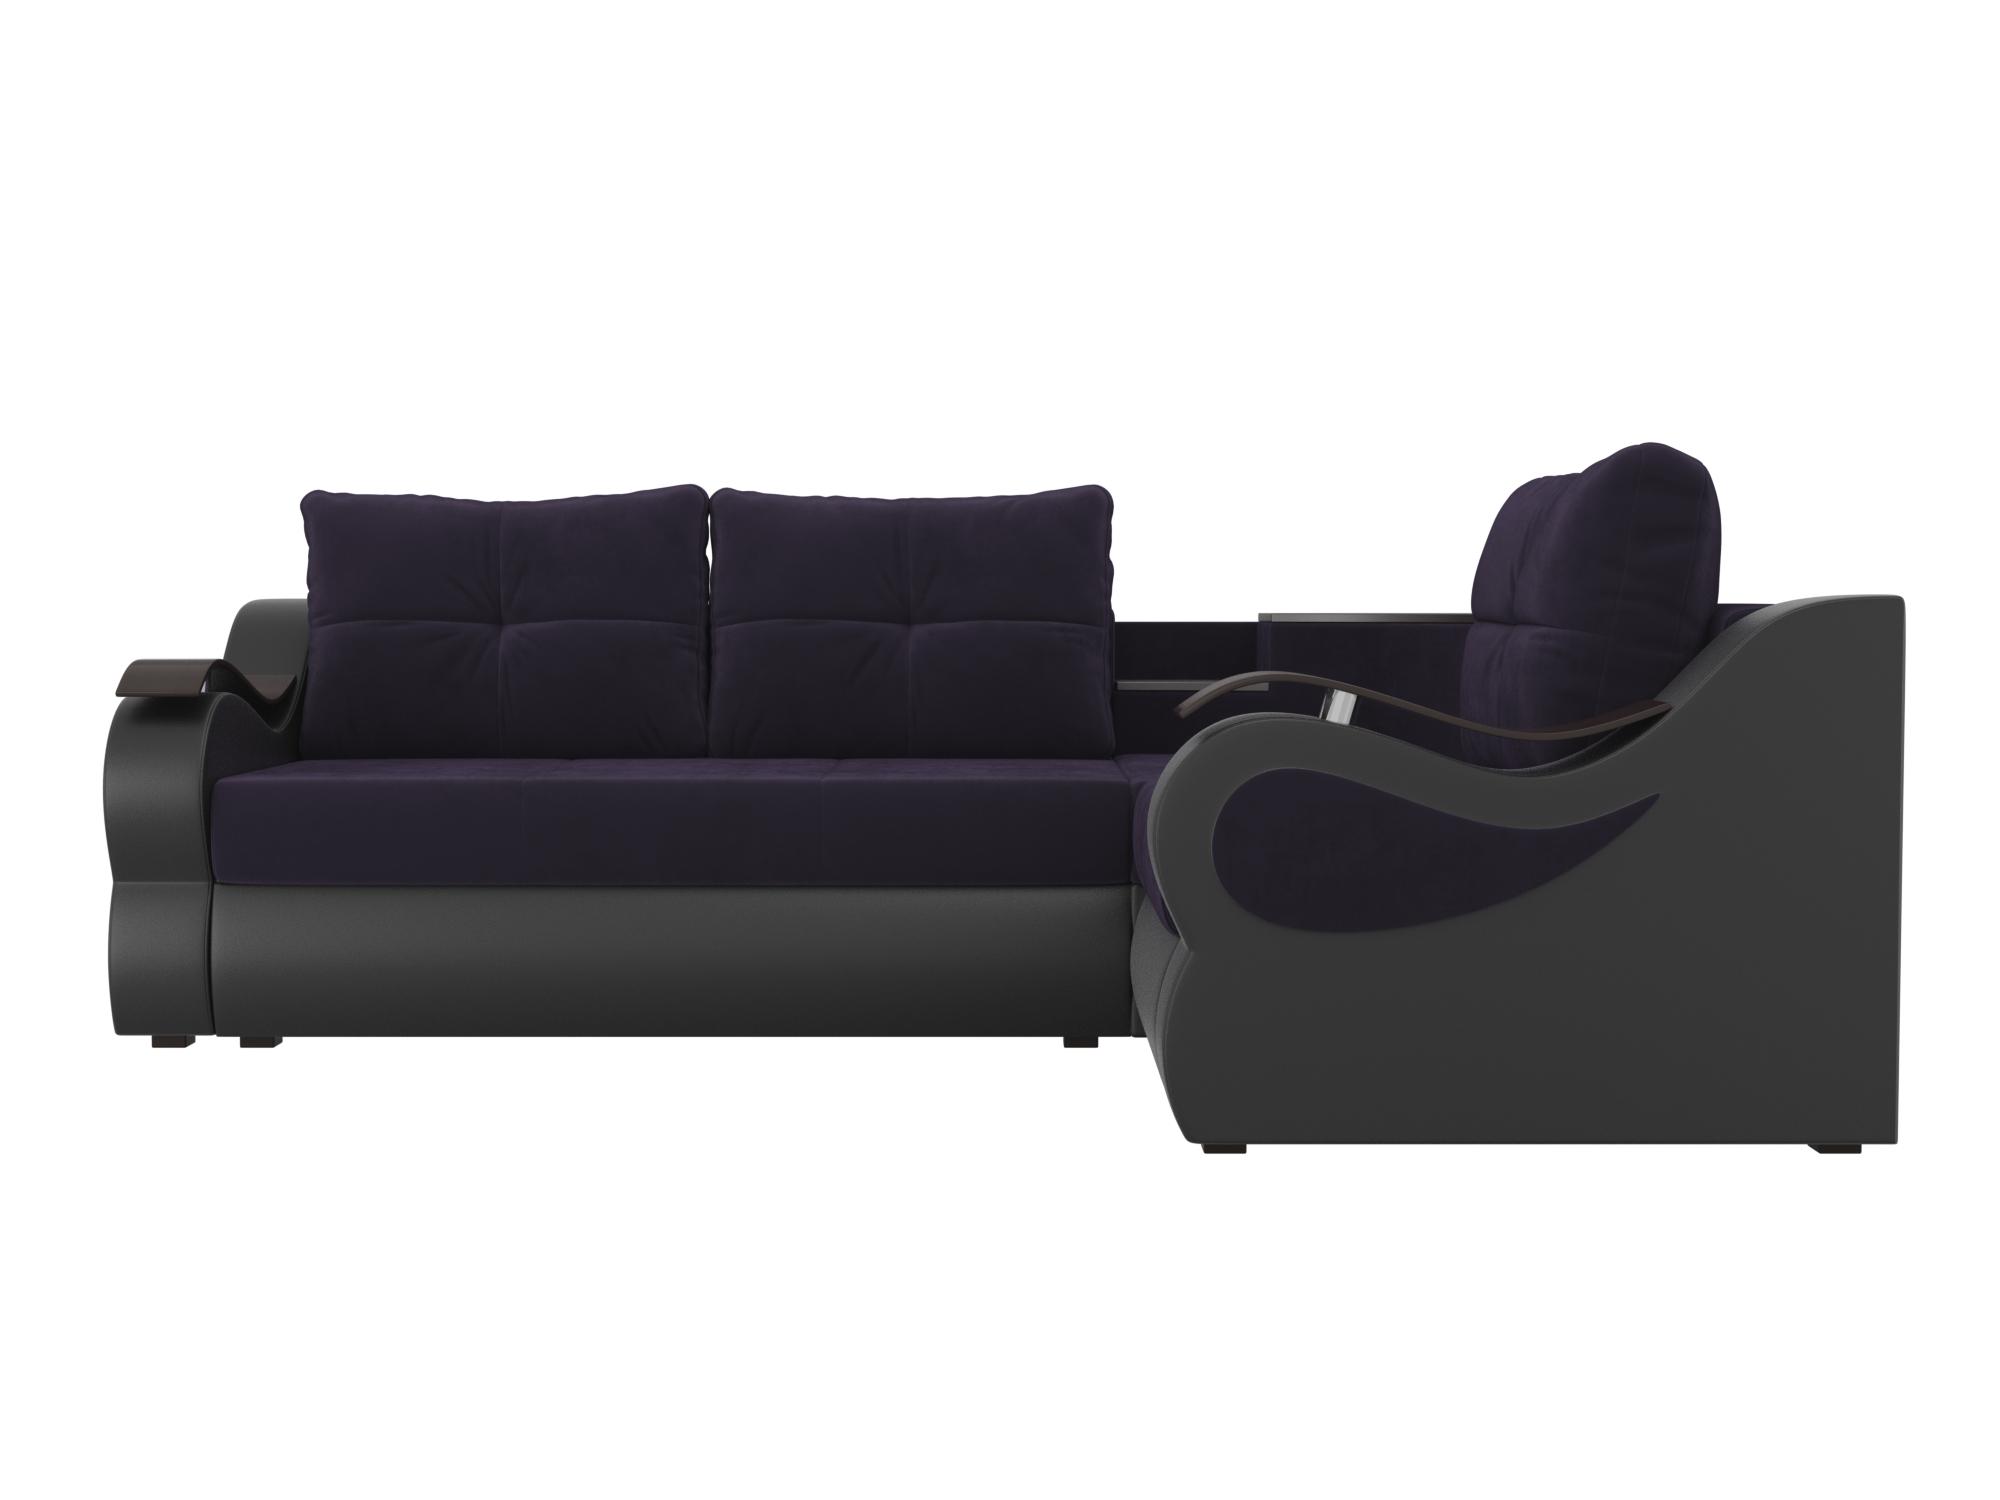 Угловой диван Митчелл Правый MebelVia Фиолетовый, Черный, Велюр, ЛДСП Фиолетовый, Черный